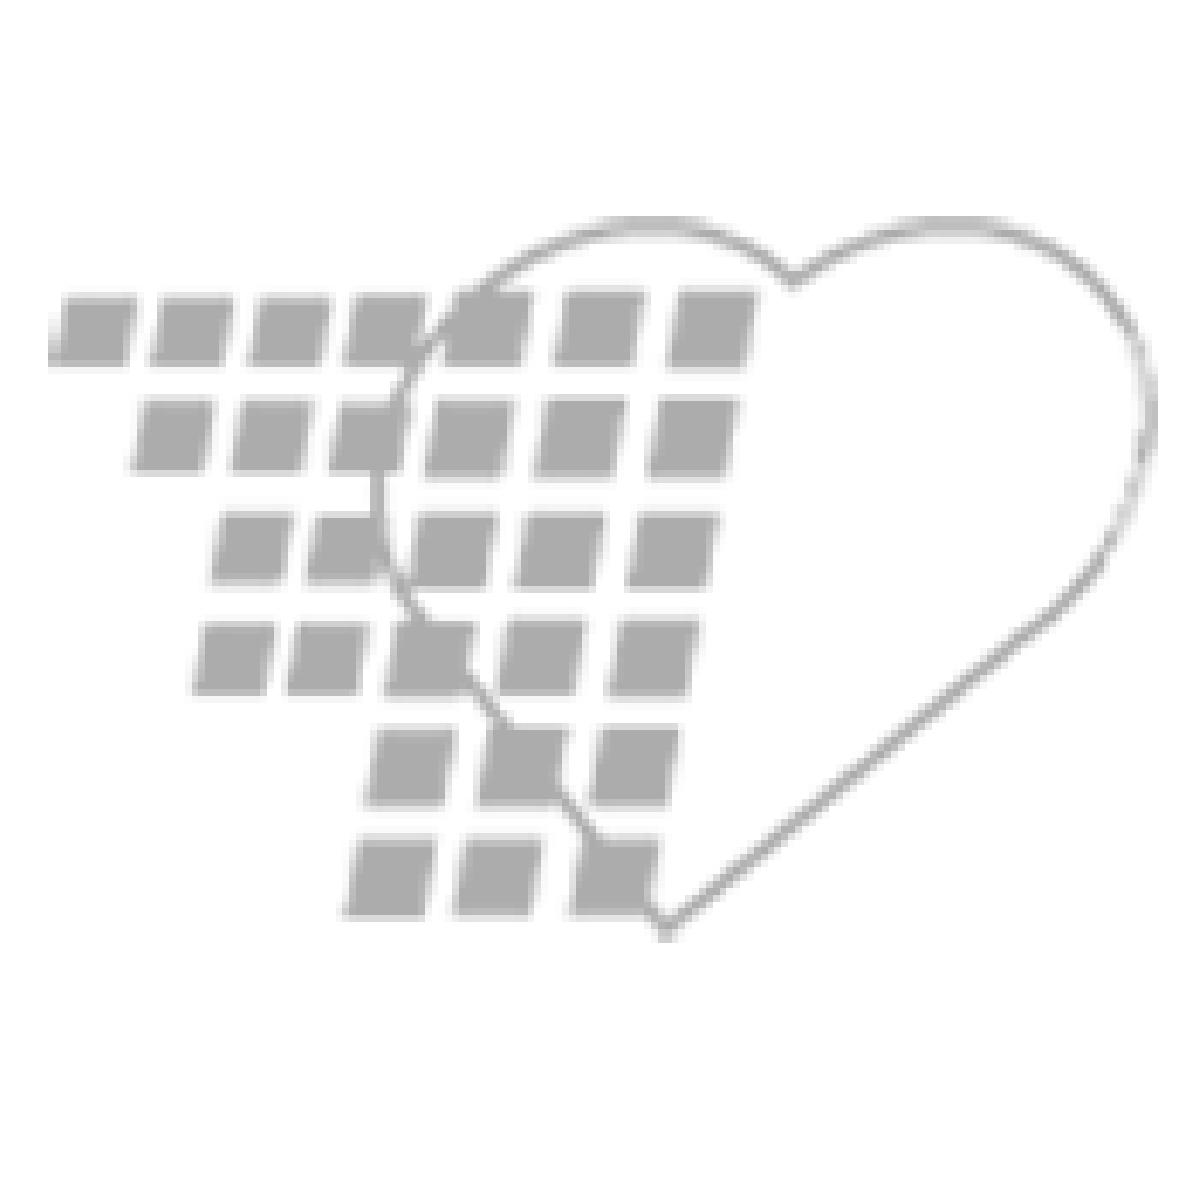 06-93-1431 - Demo Dose® Levemr 100 units/ 10mL